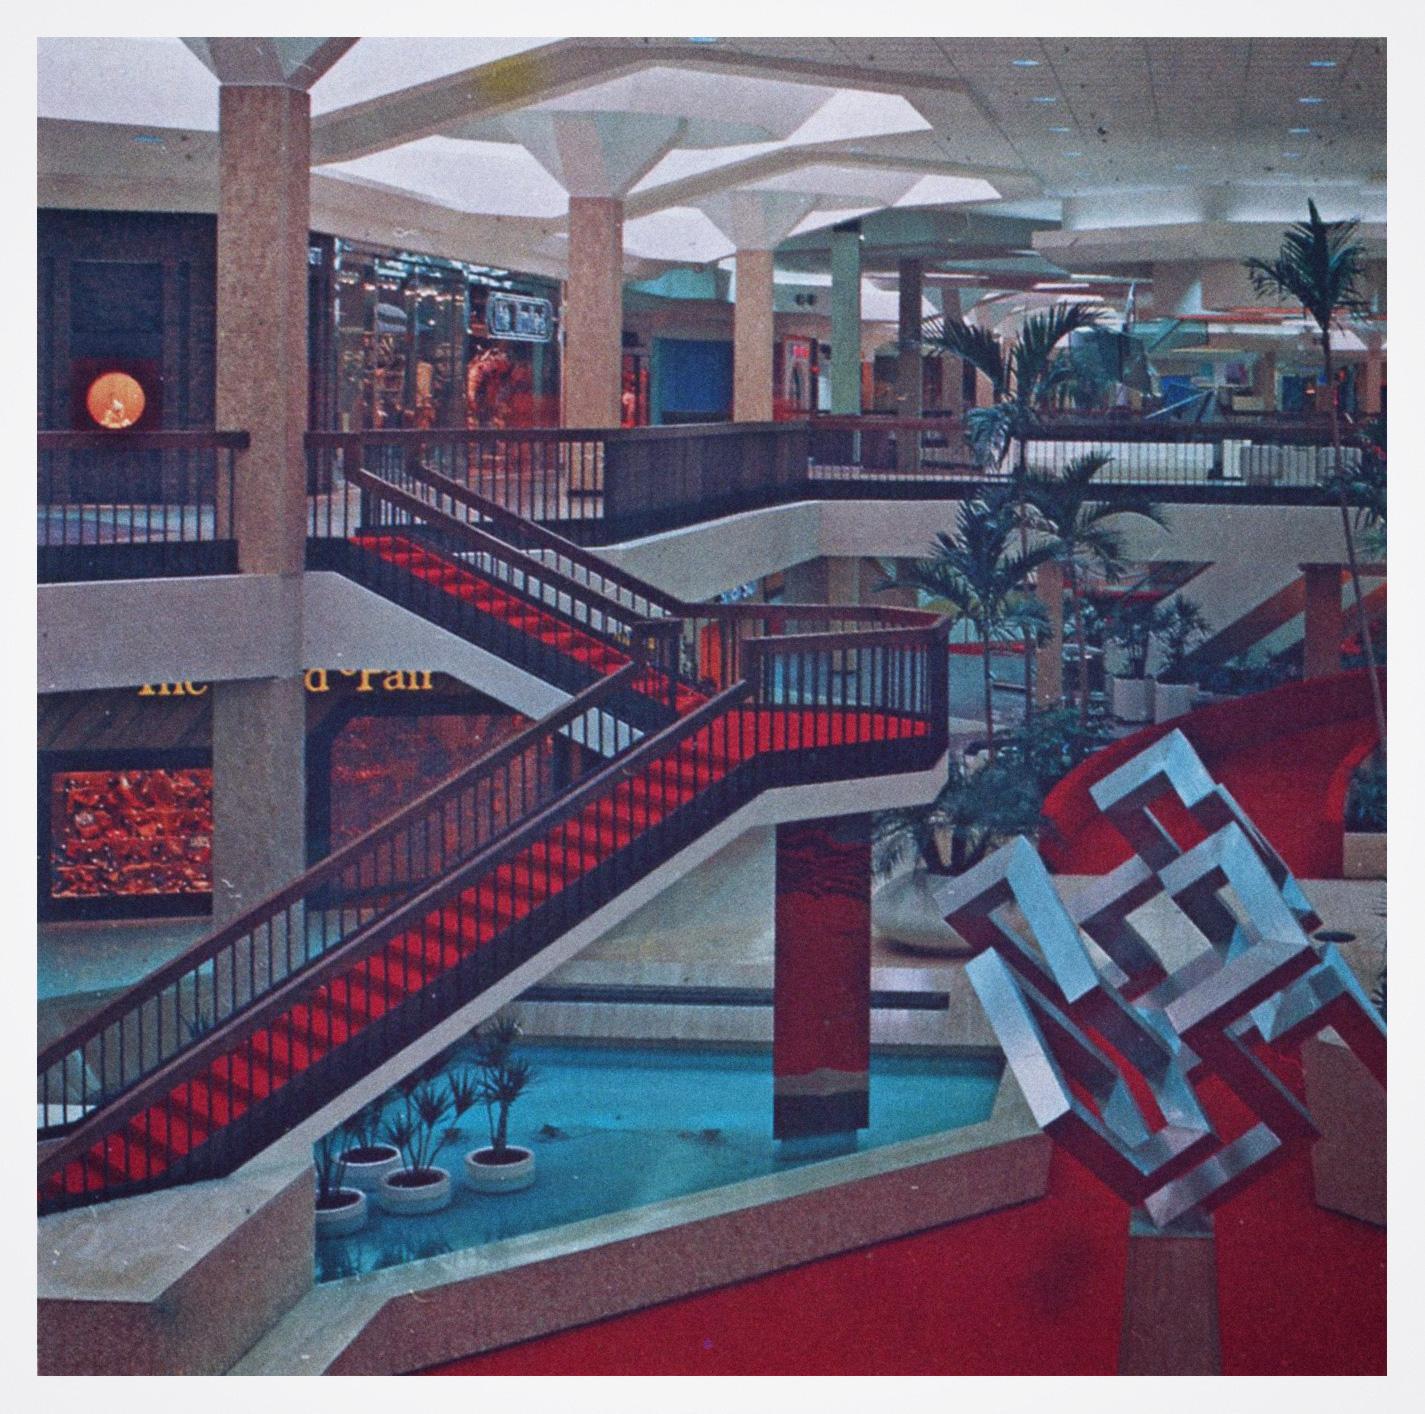 Sculpture Randal Park Mall